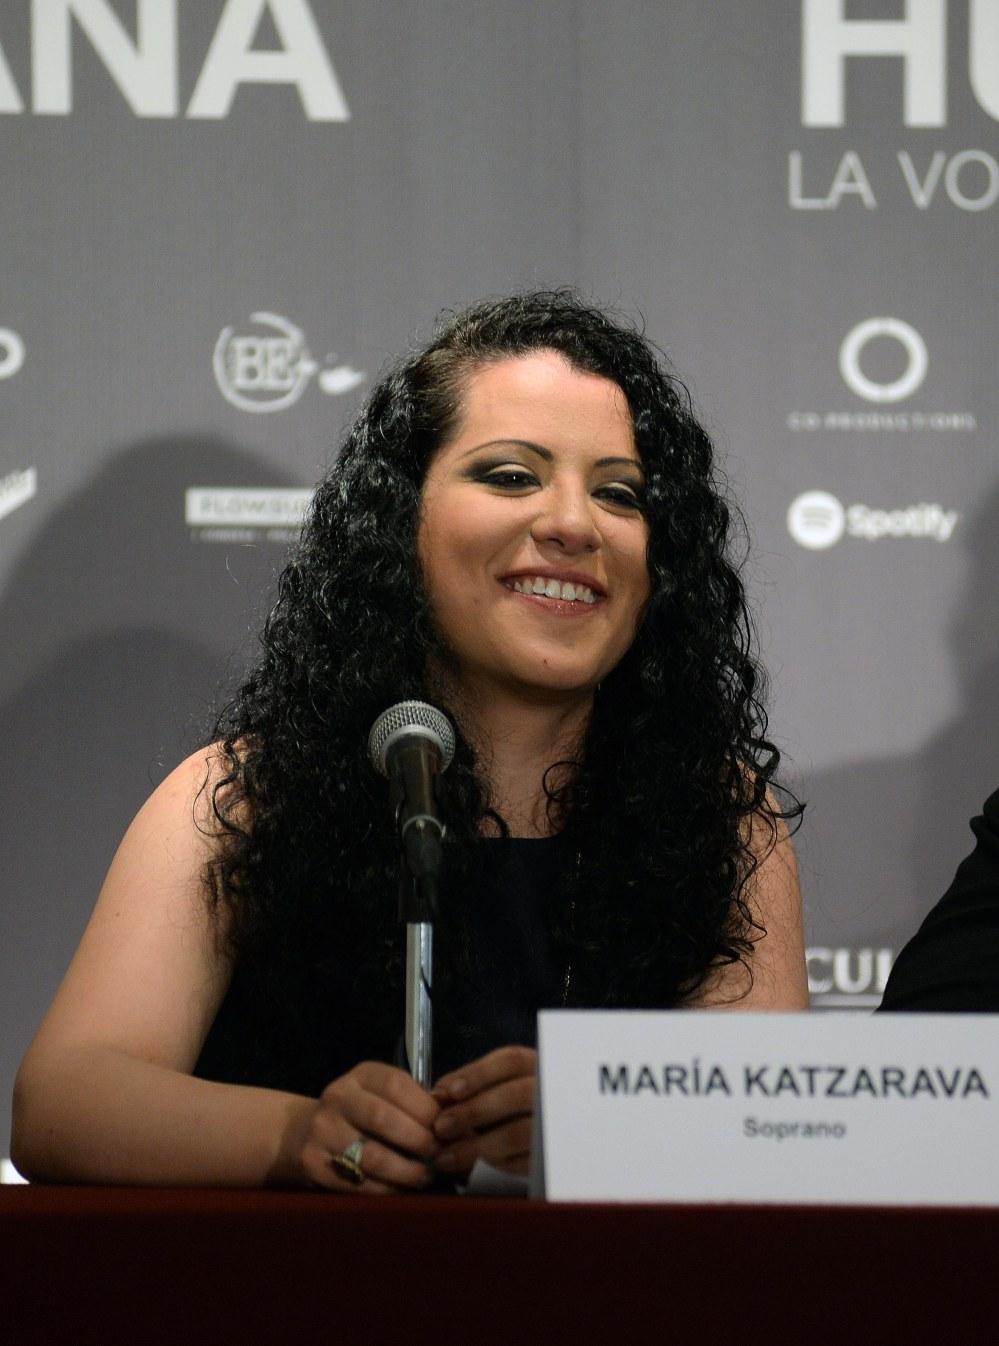 Maria_Katzarava_FSM_8302b